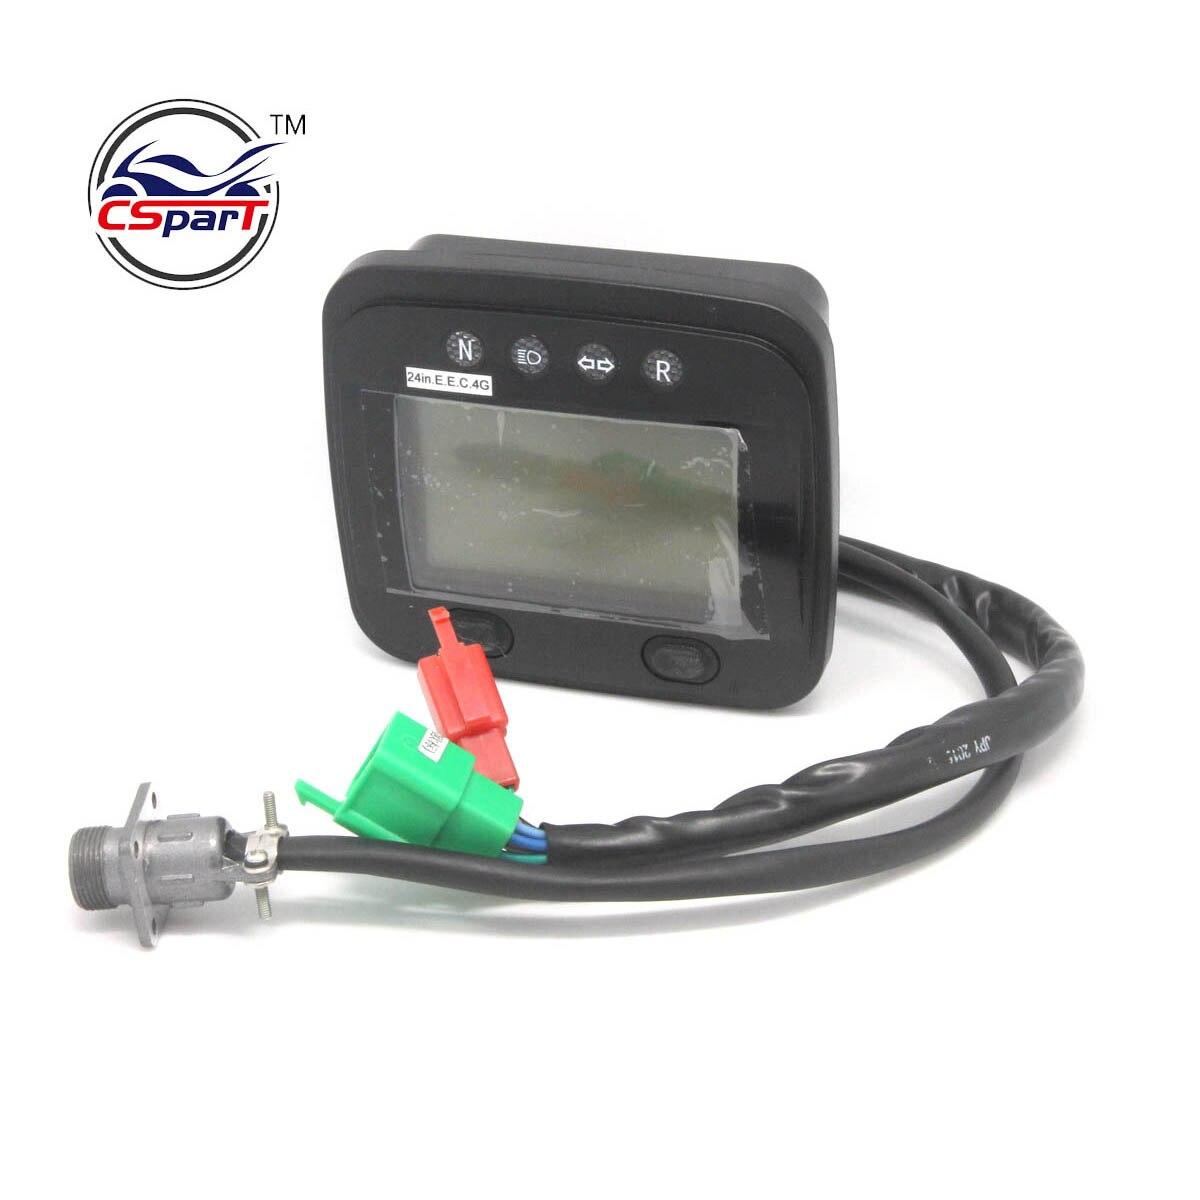 Linhai 250 260 300 400 instrumento atv 400cc 300cc 260cc velocímetro digital odômetro euro tacômetro padrão